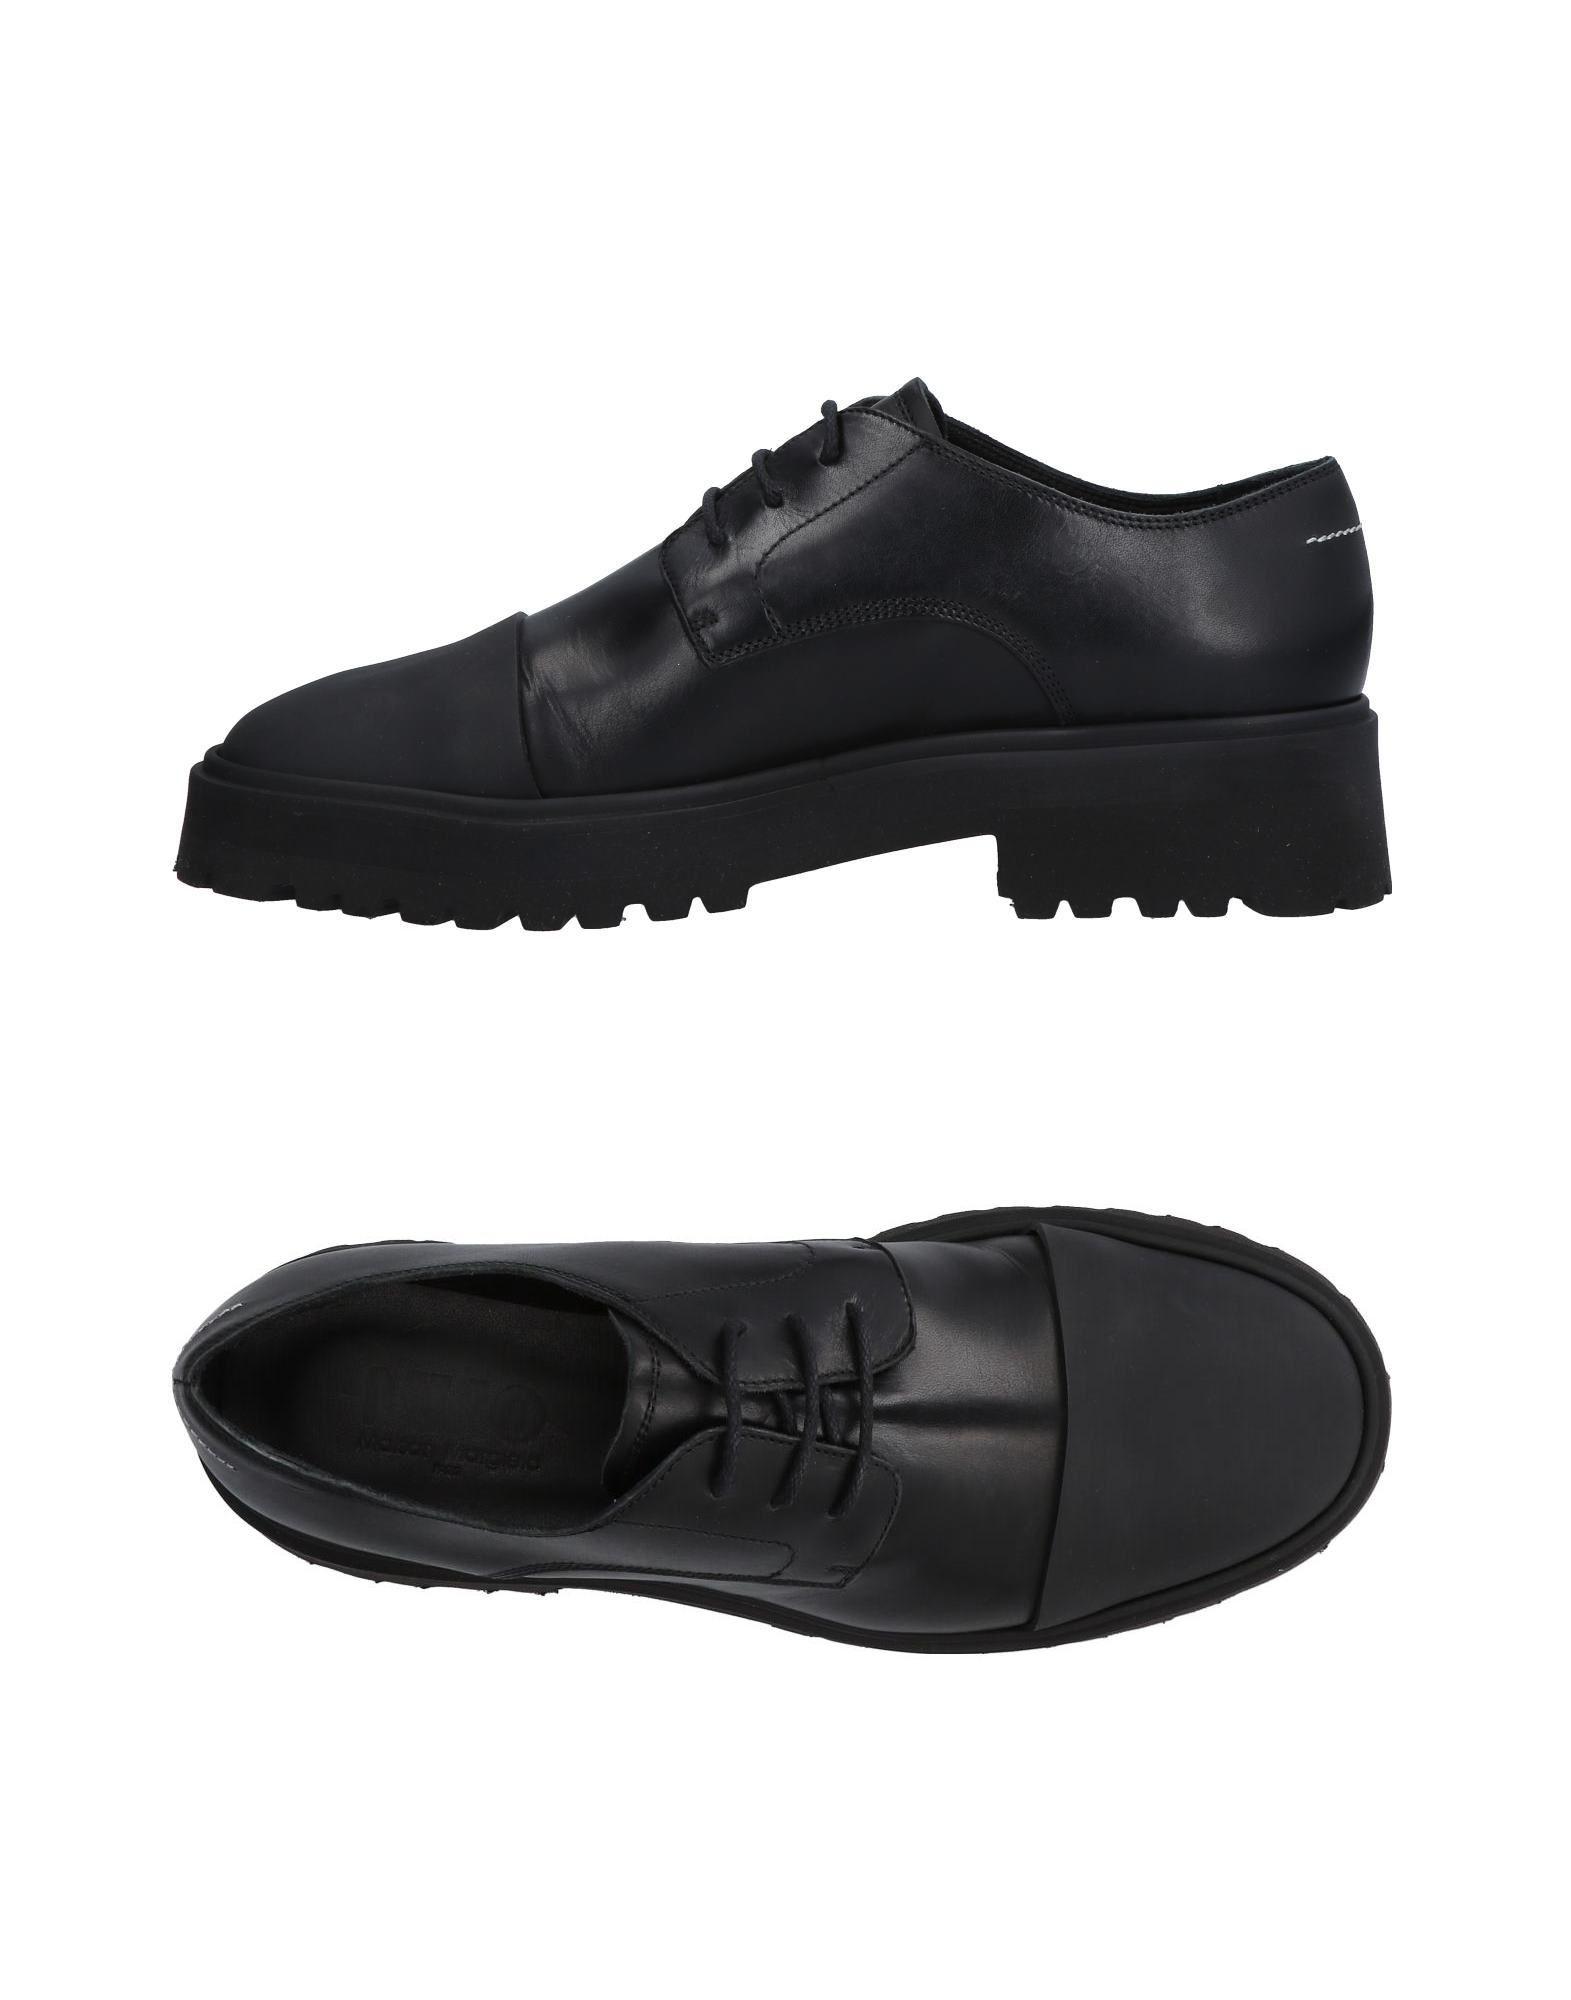 Mm6 Maison Margiela Schnürschuhe Damen  11478209SGGut aussehende strapazierfähige Schuhe